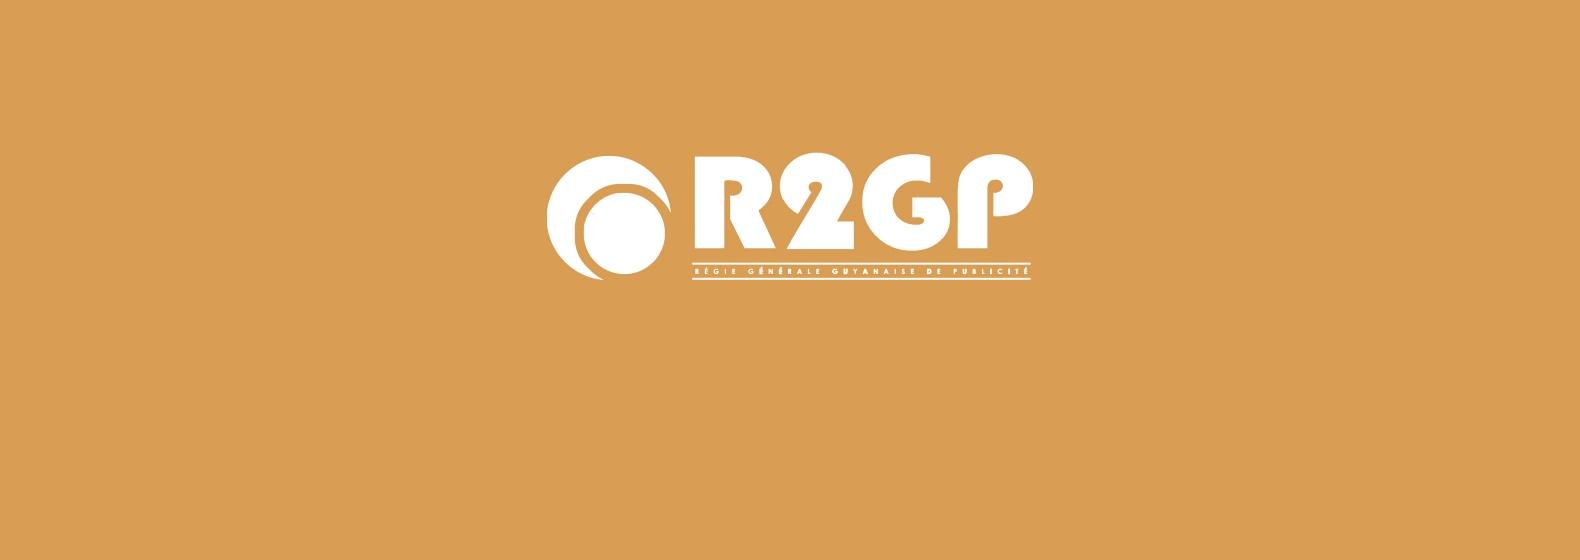 r2gp.jpg